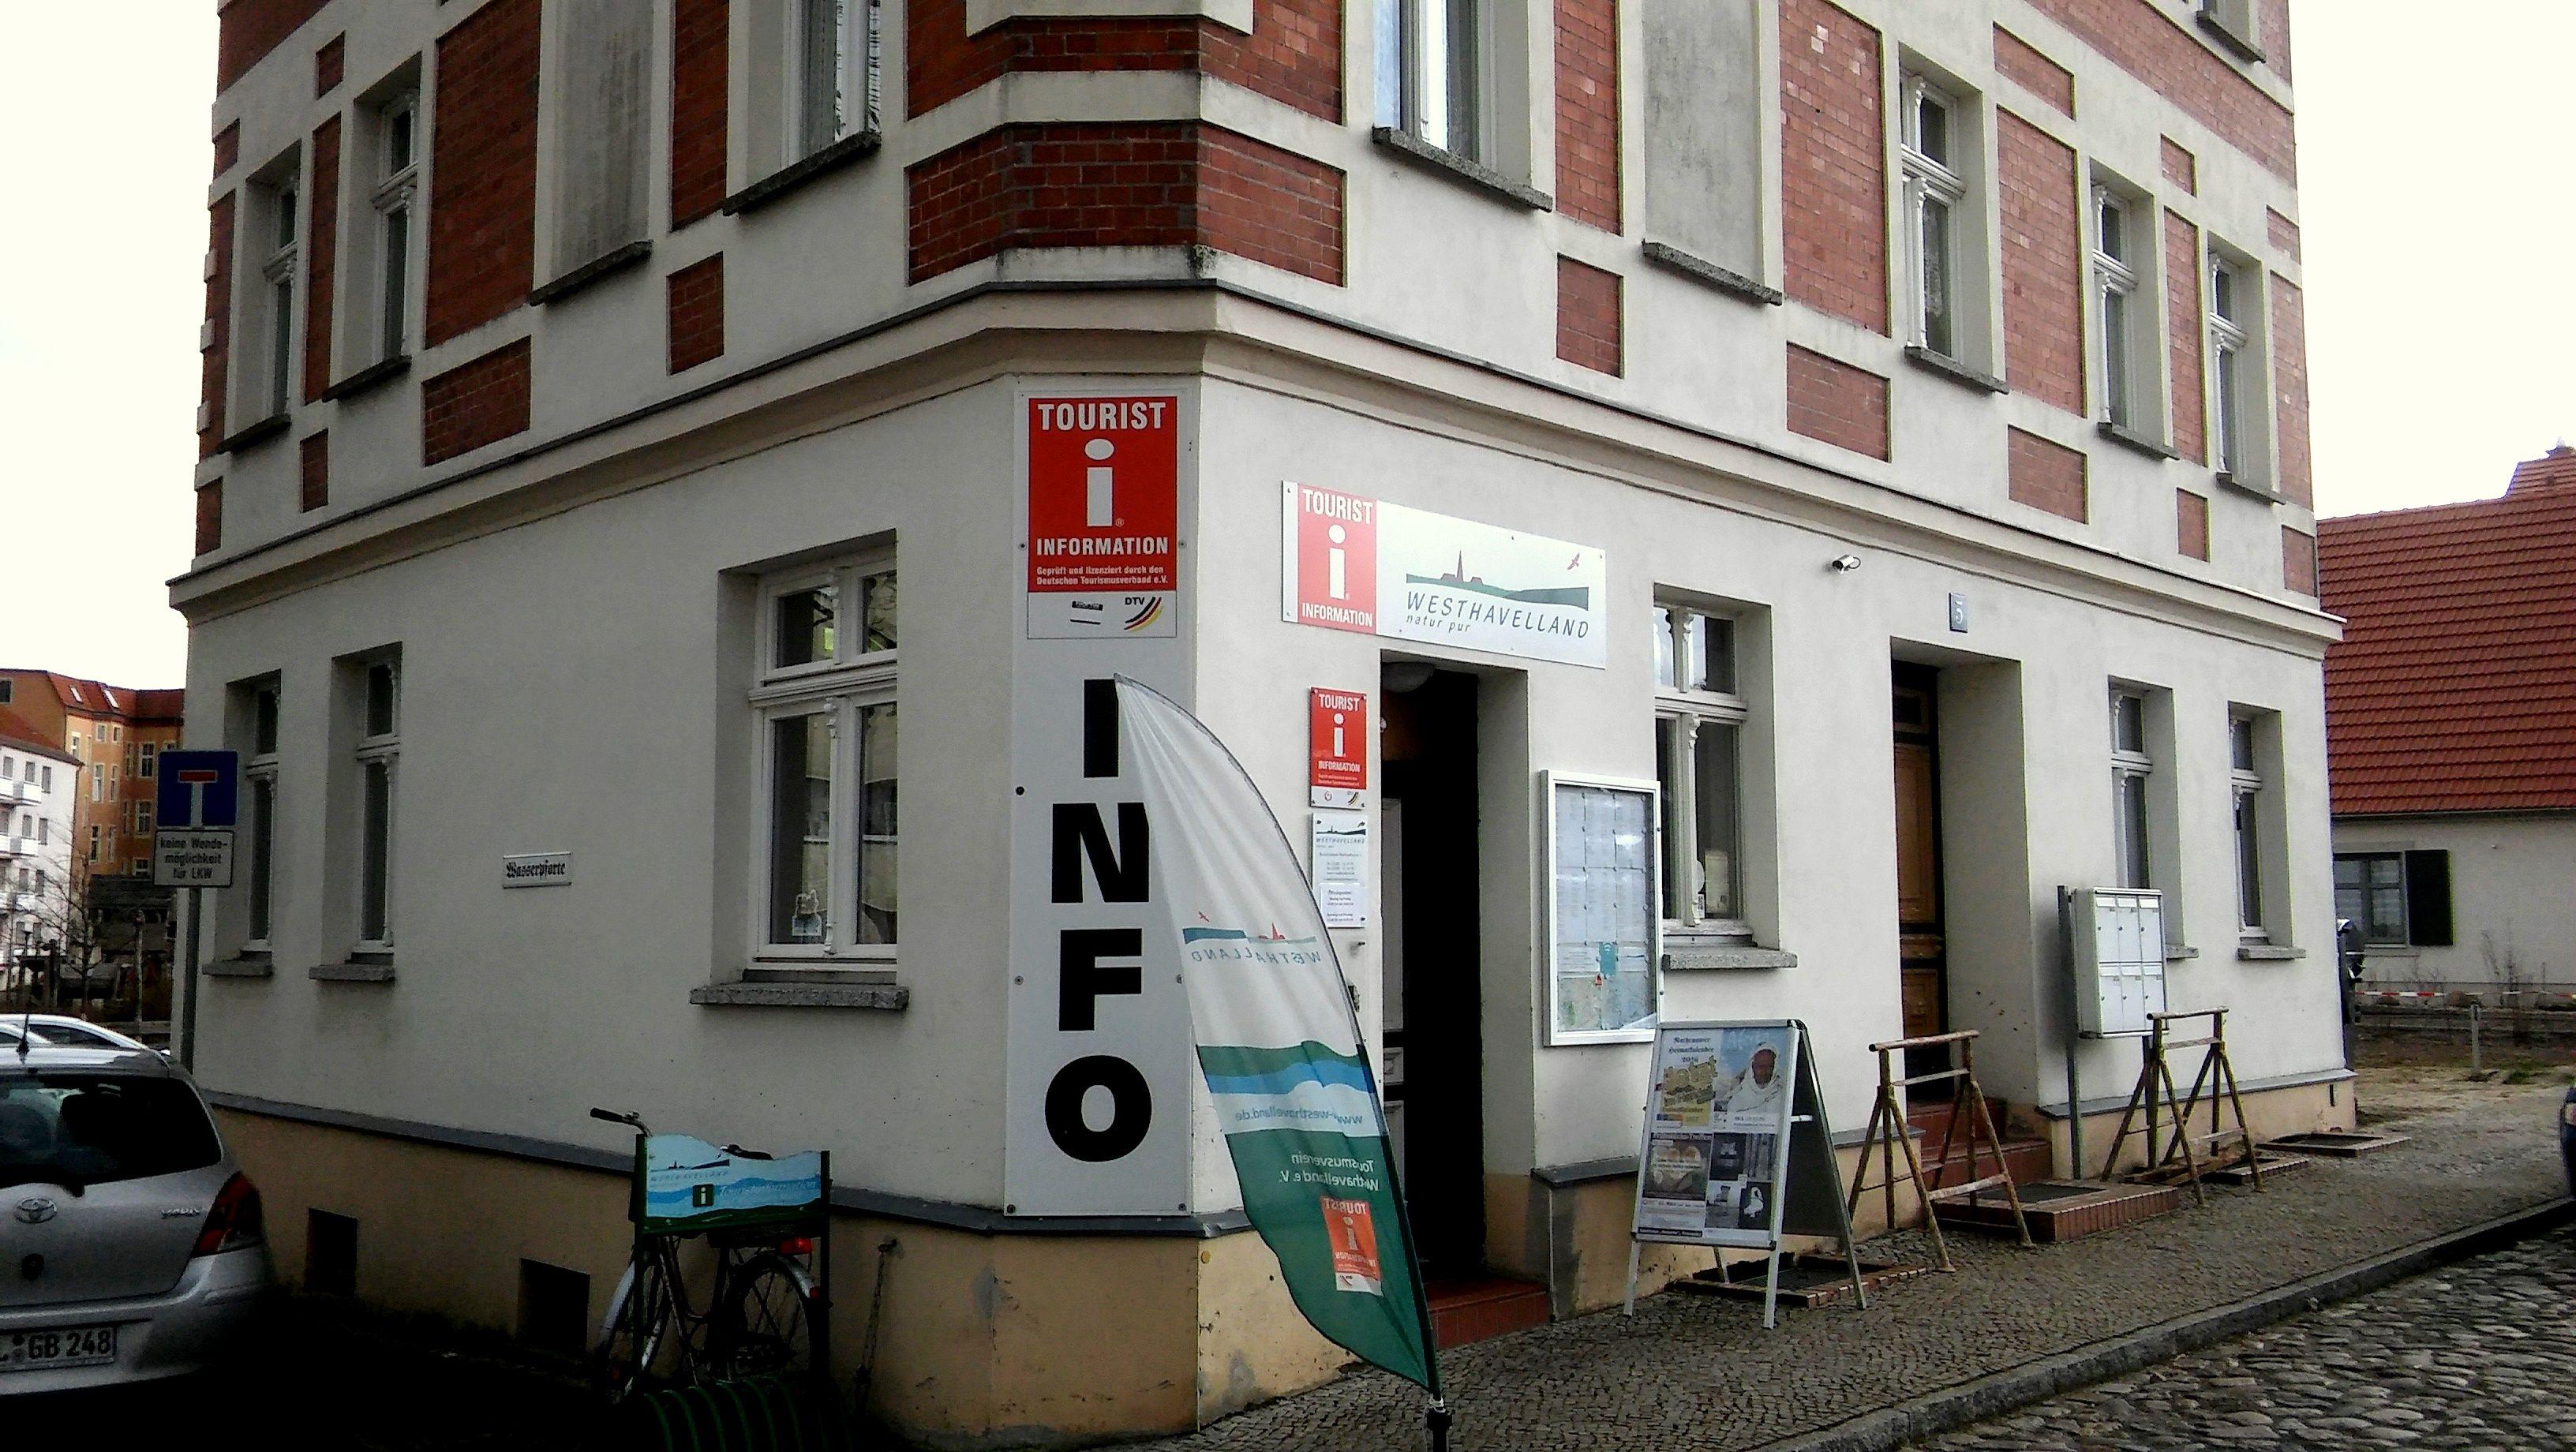 Die freundliche Tourist-Information in Rathenow, gegenüber der Kirche, bietet einen freundlichen und kompetenten Besucherservice